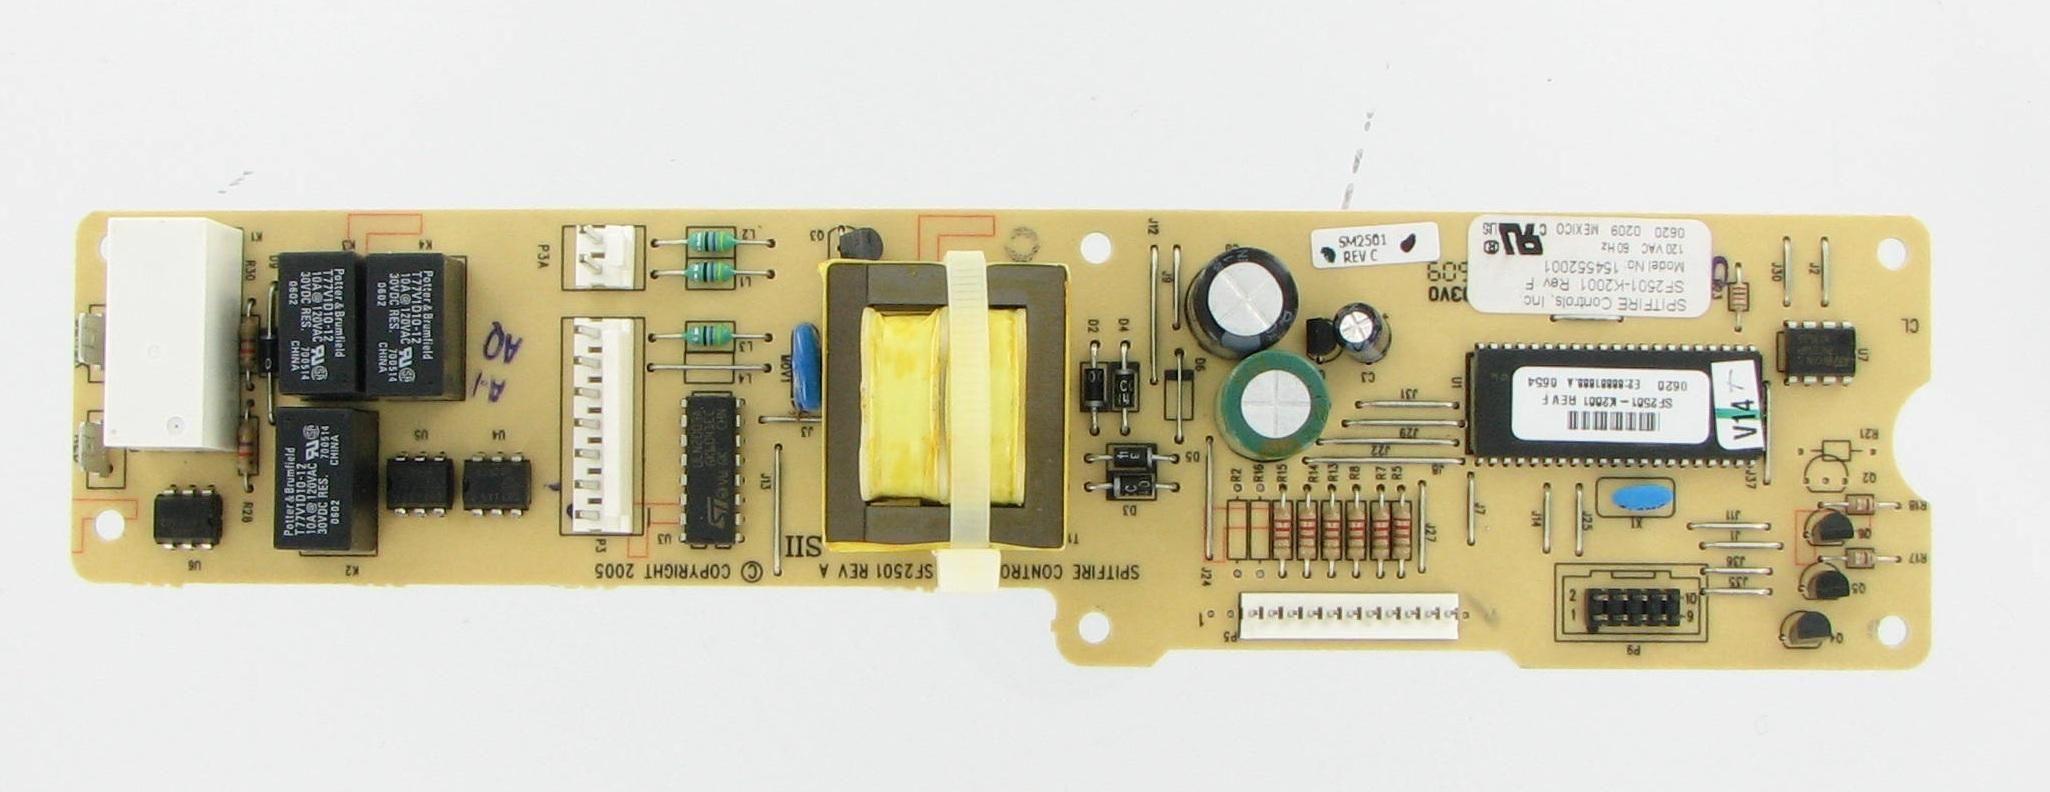 Frigidaire Electrolux Kenmore 154552001 Dishwasher Control Board Frigidaire Dishwasher Frigidaire Broken Appliance